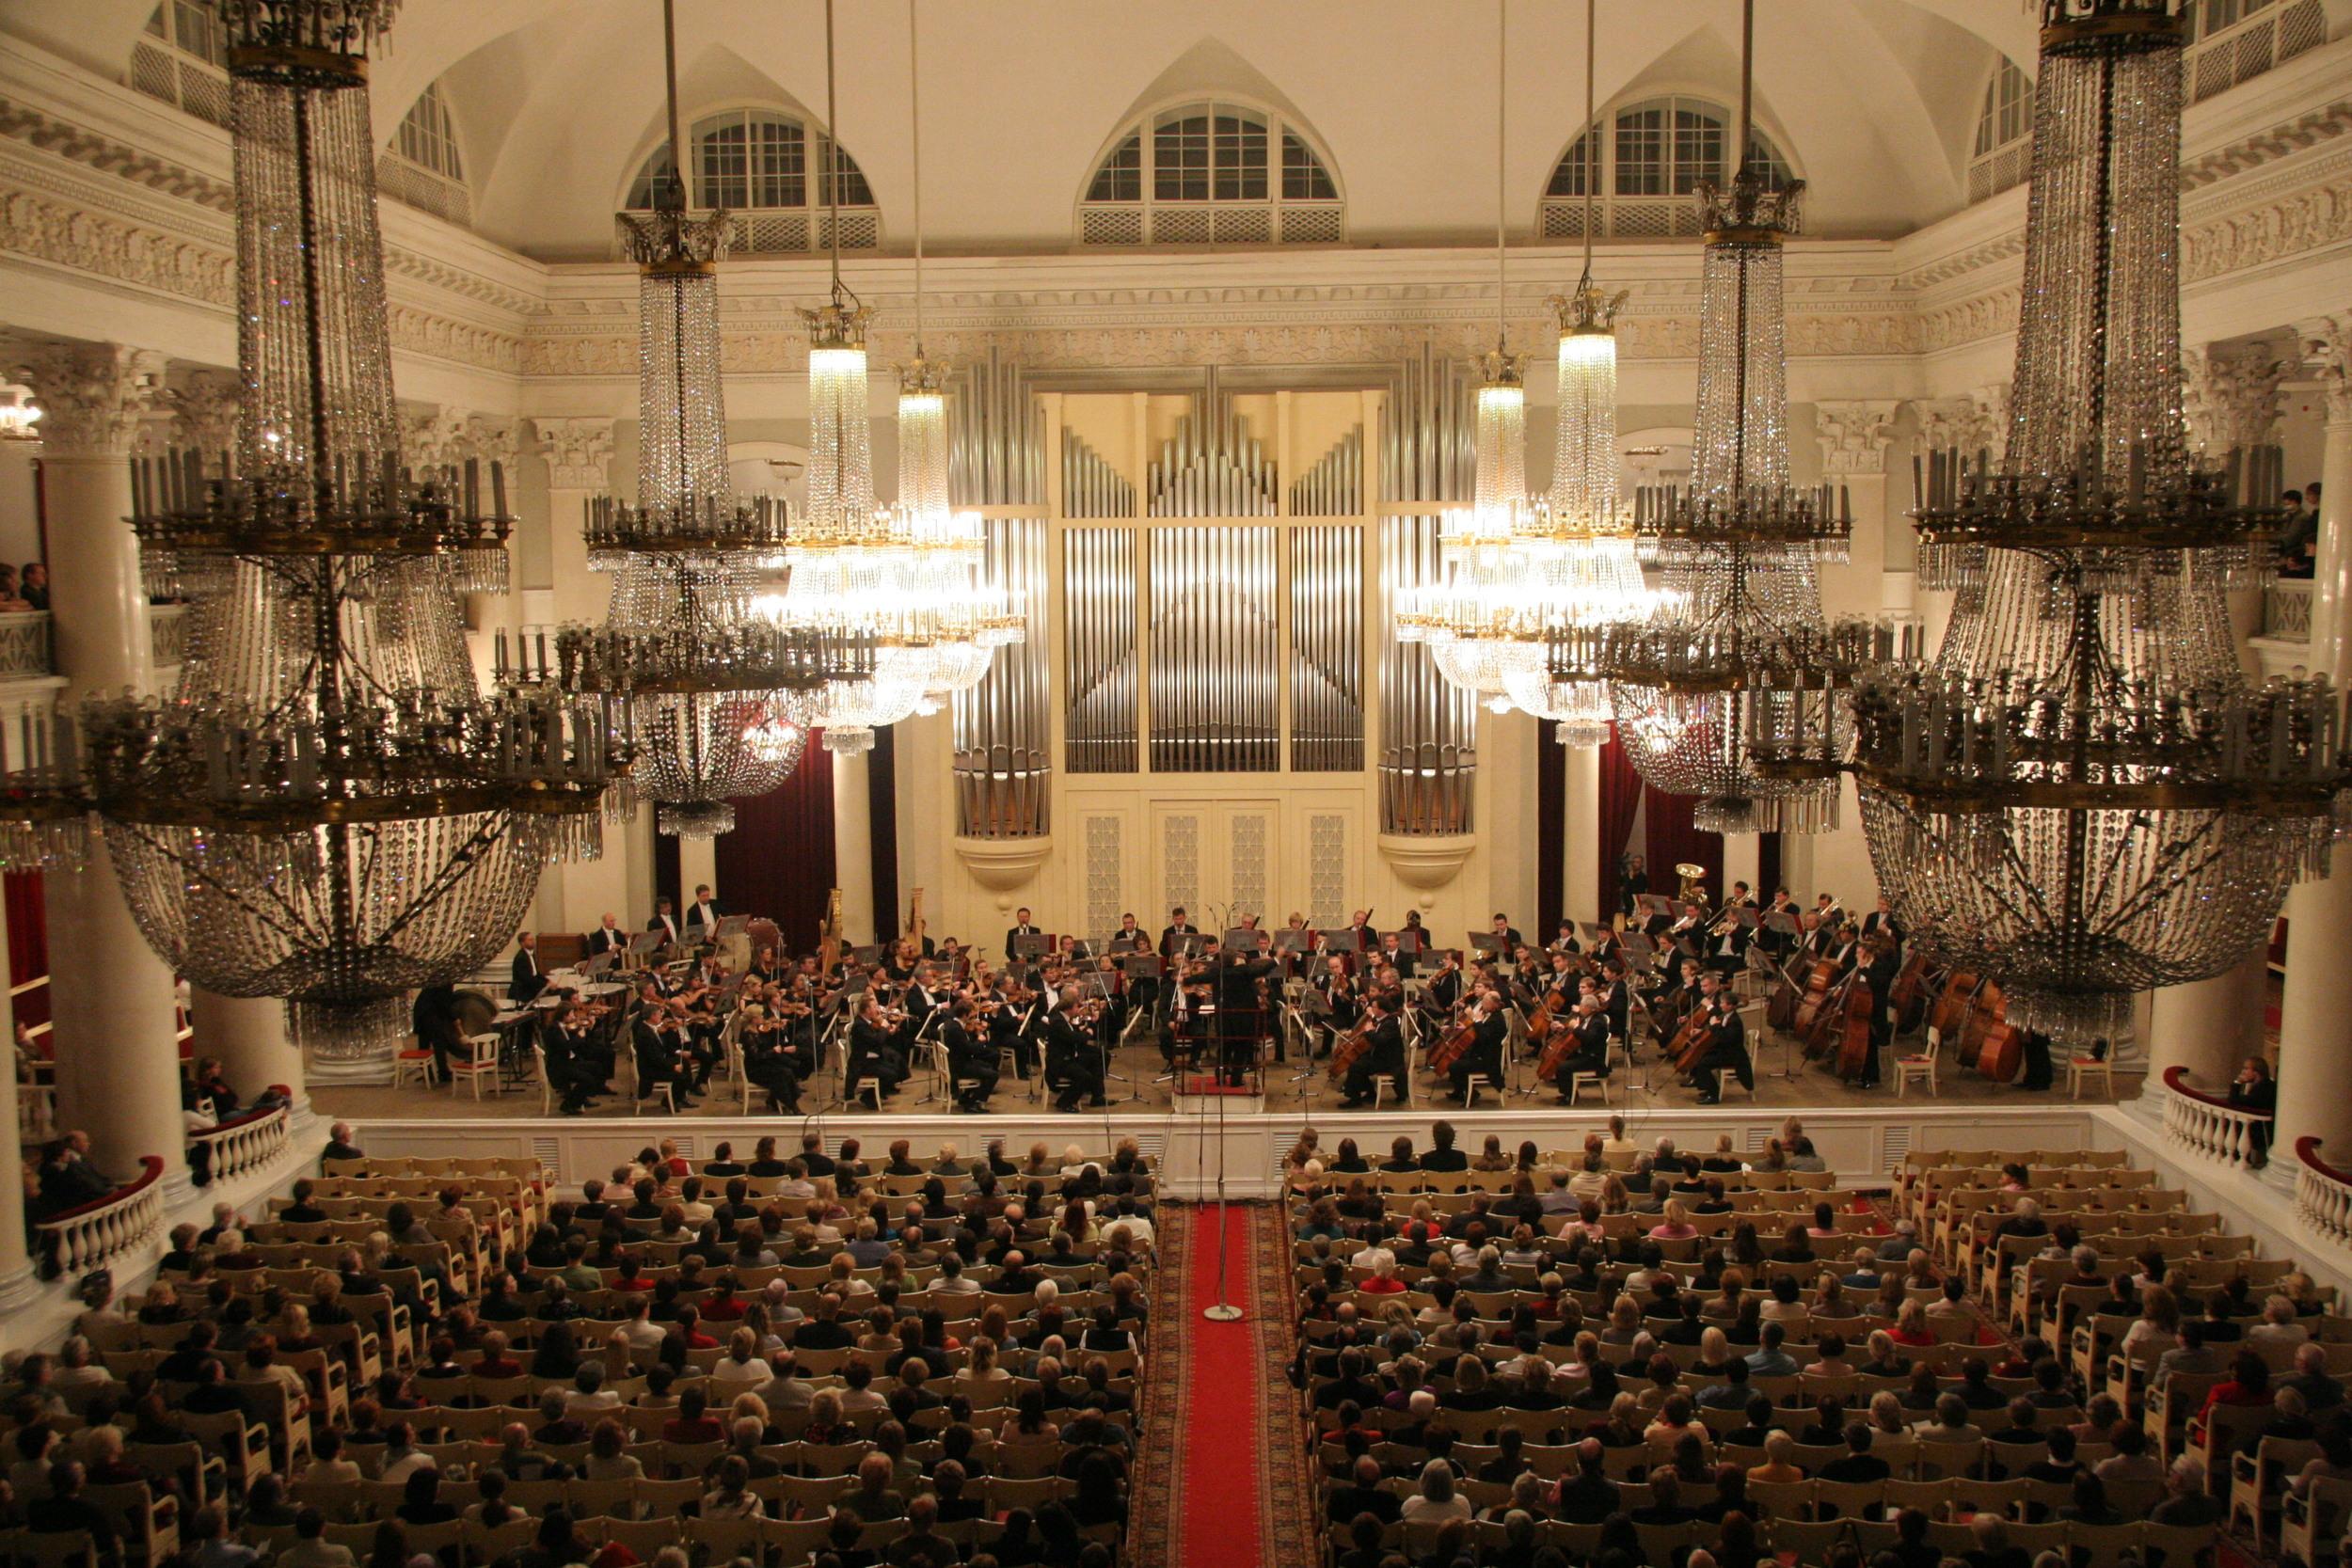 Grand Hall, St. Petersburg Philaharmonia. *Not my photo.